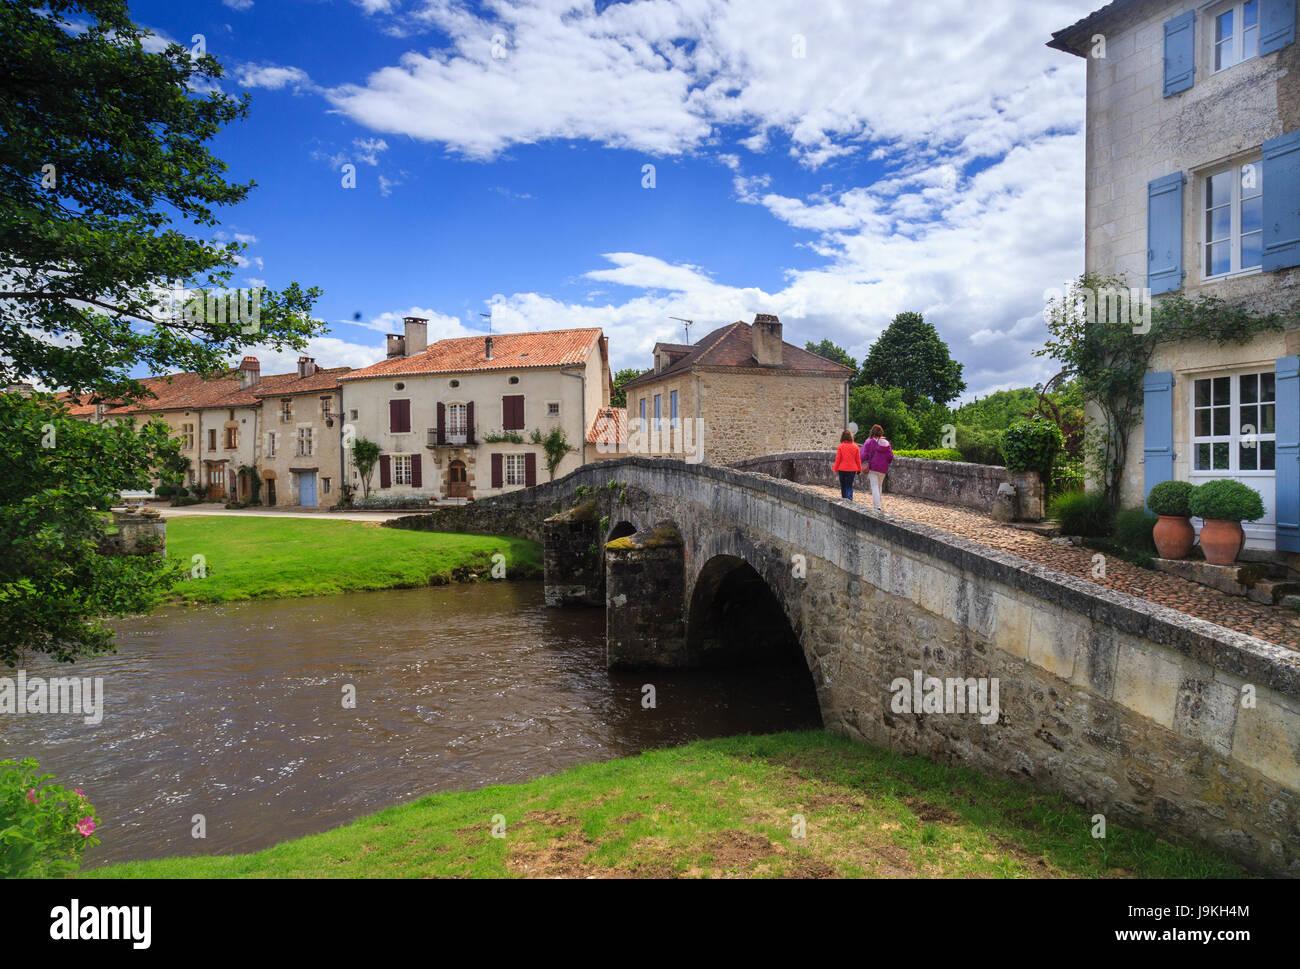 France, Dordogne, Saint Jean de Cole, labelled Les Plus Beaux Villages de France, the village and the medieval bridge - Stock Image